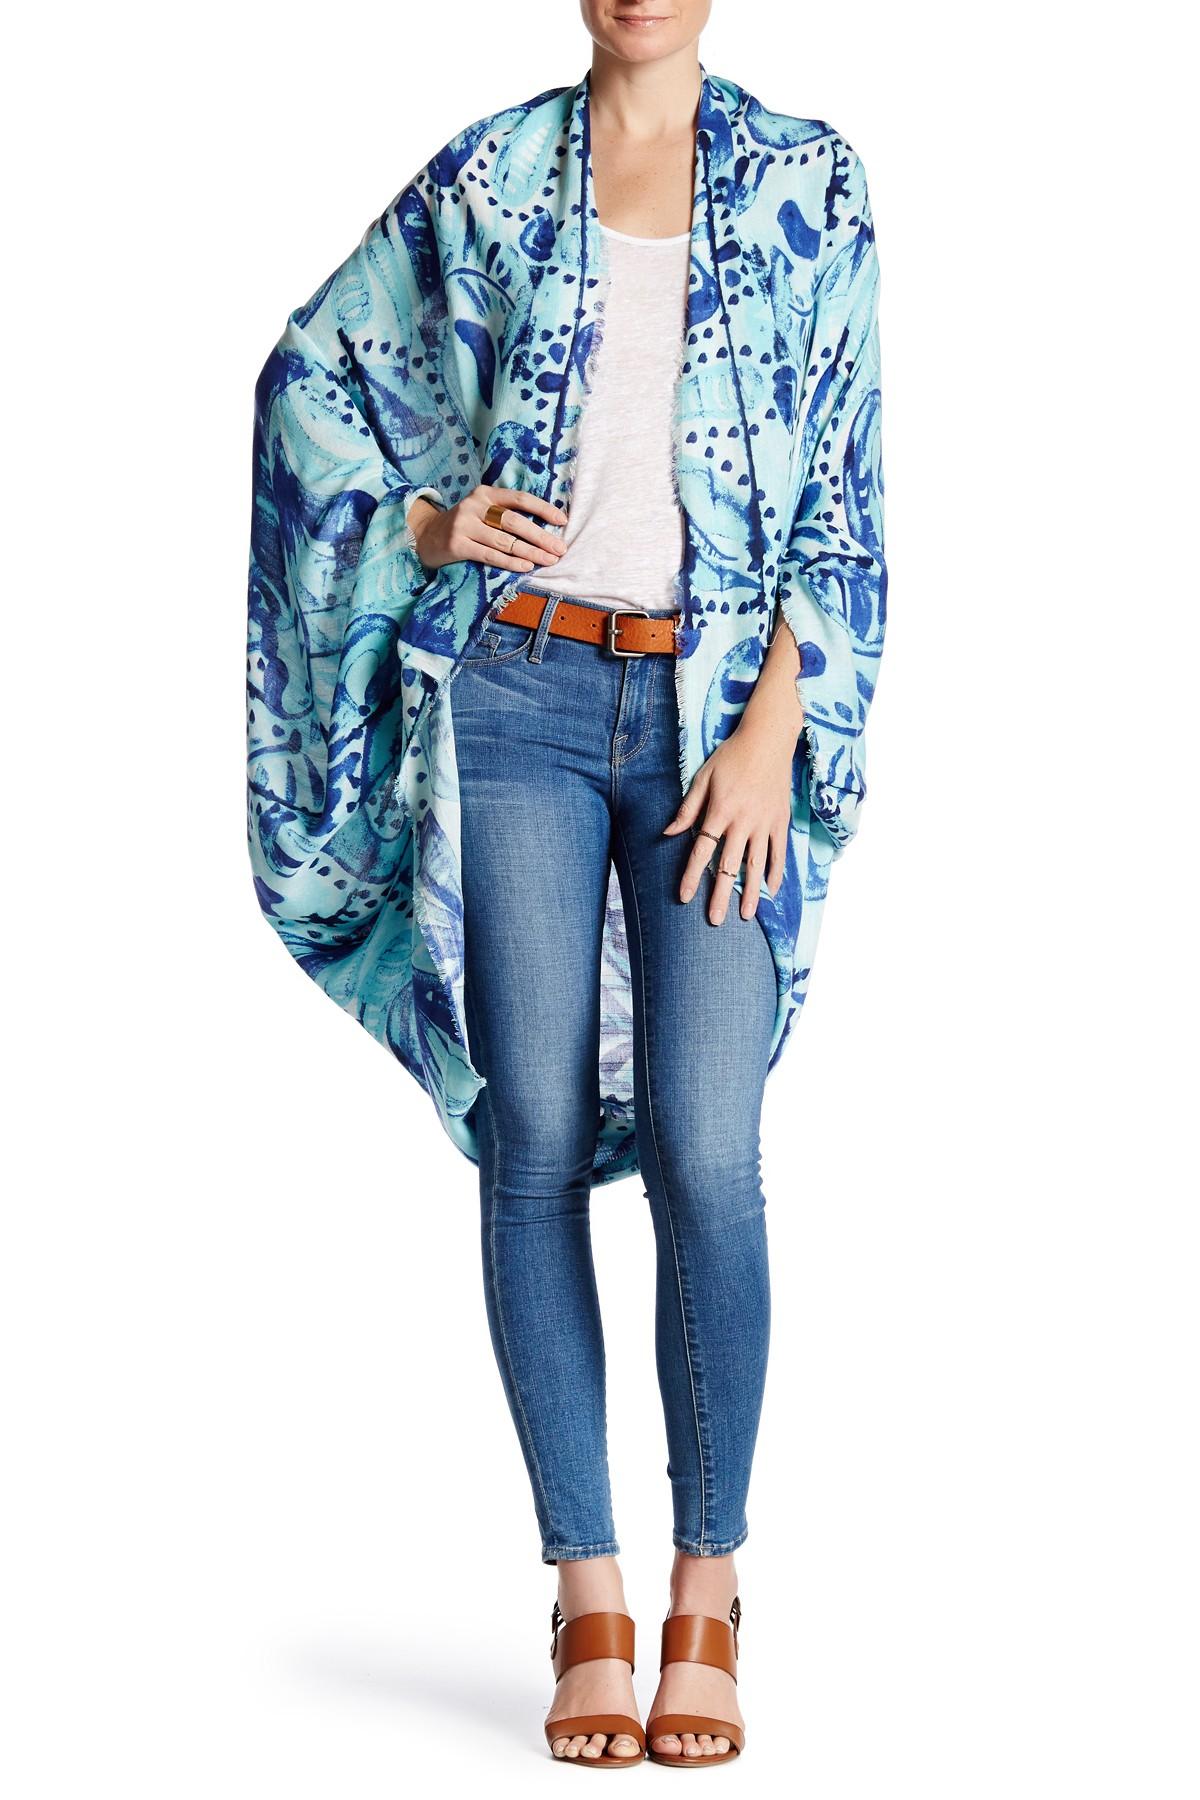 Turquoise Batik Paisley Kimono